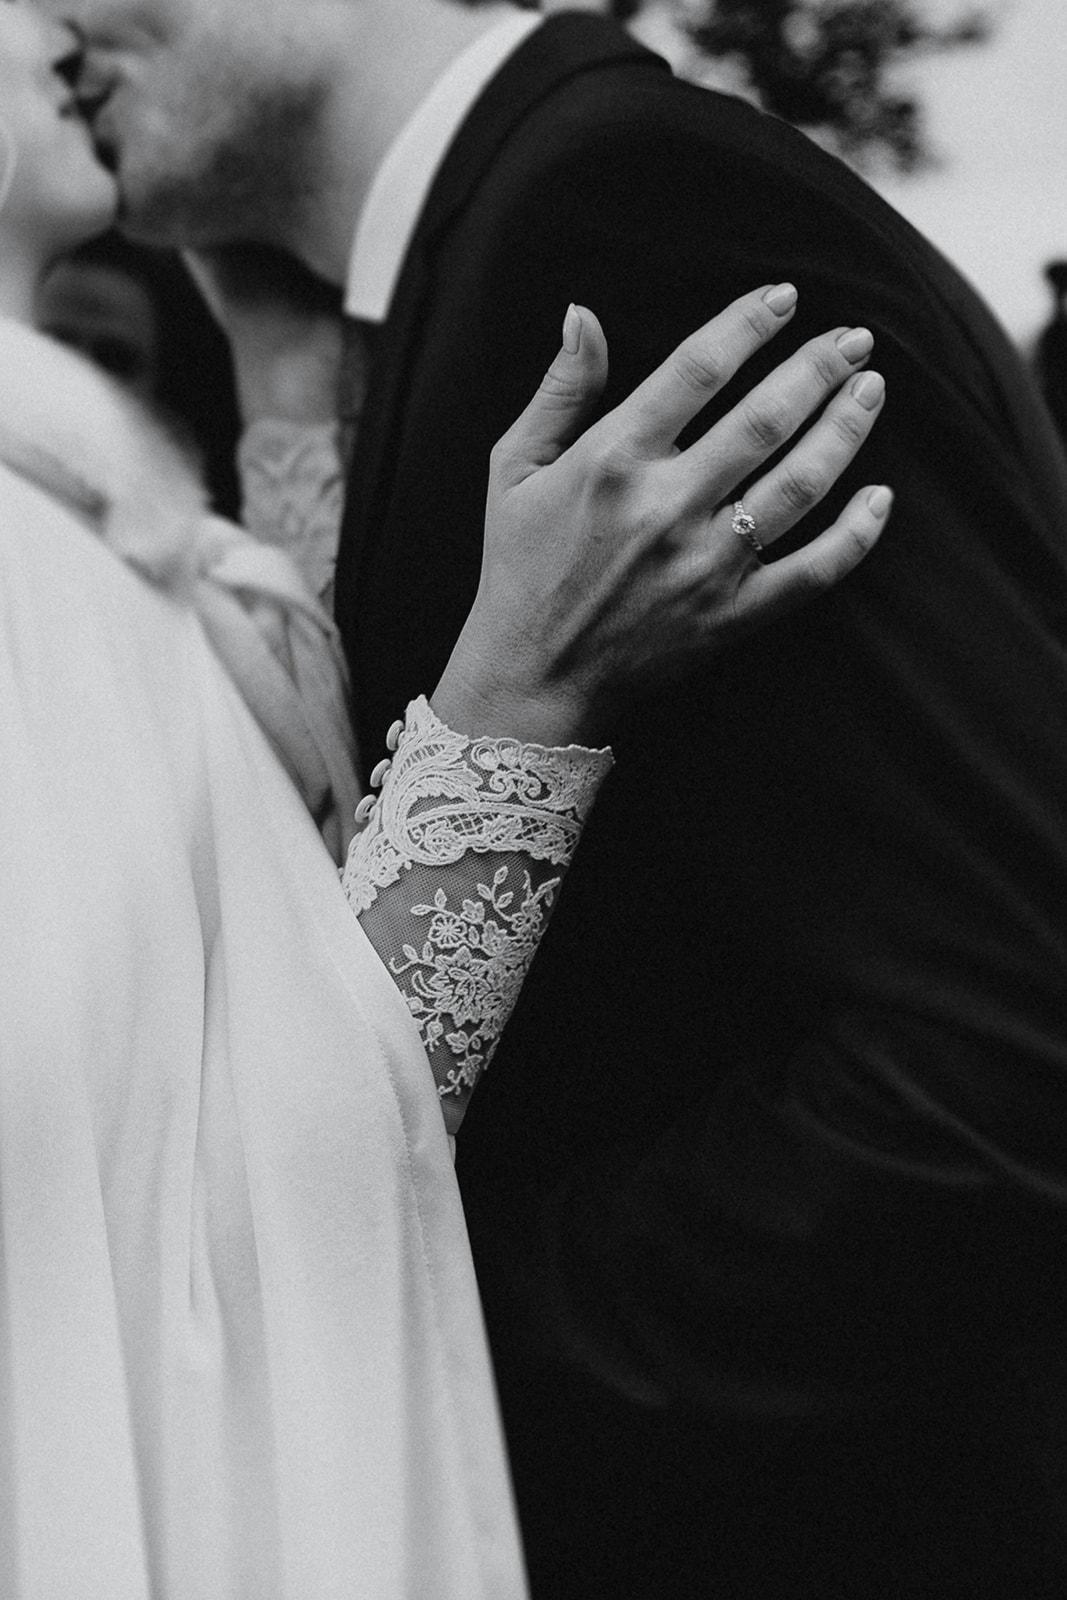 Beto Perez Fotógrafo de bodas, novia de invierno con capa, Organización de bodas Pilar Belo, Castillo para bodas Girona